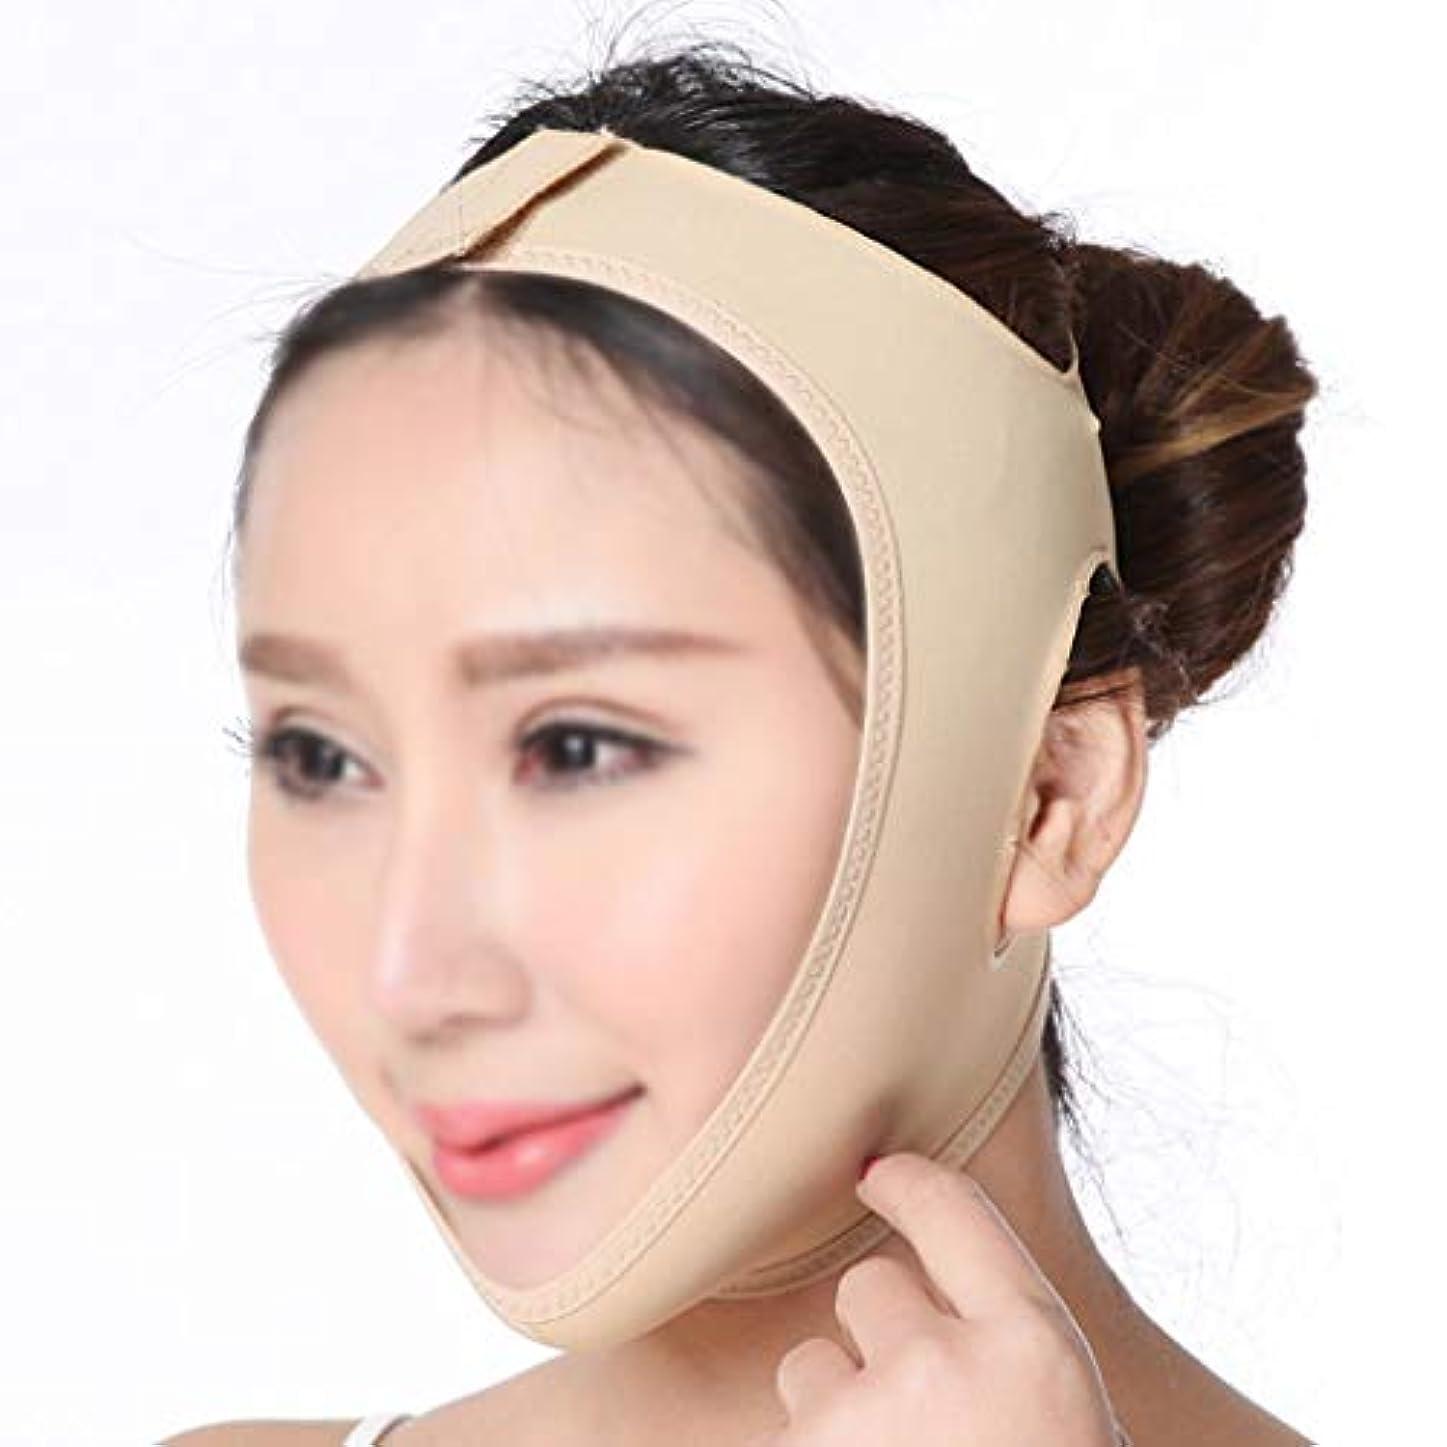 ソビエト刈る抽象GLJJQMY 薄い顔のアーティファクトVマスク薄い顔の包帯/顔の引き締め痩身包帯通気性二重あご減量マスク 顔用整形マスク (Size : L)